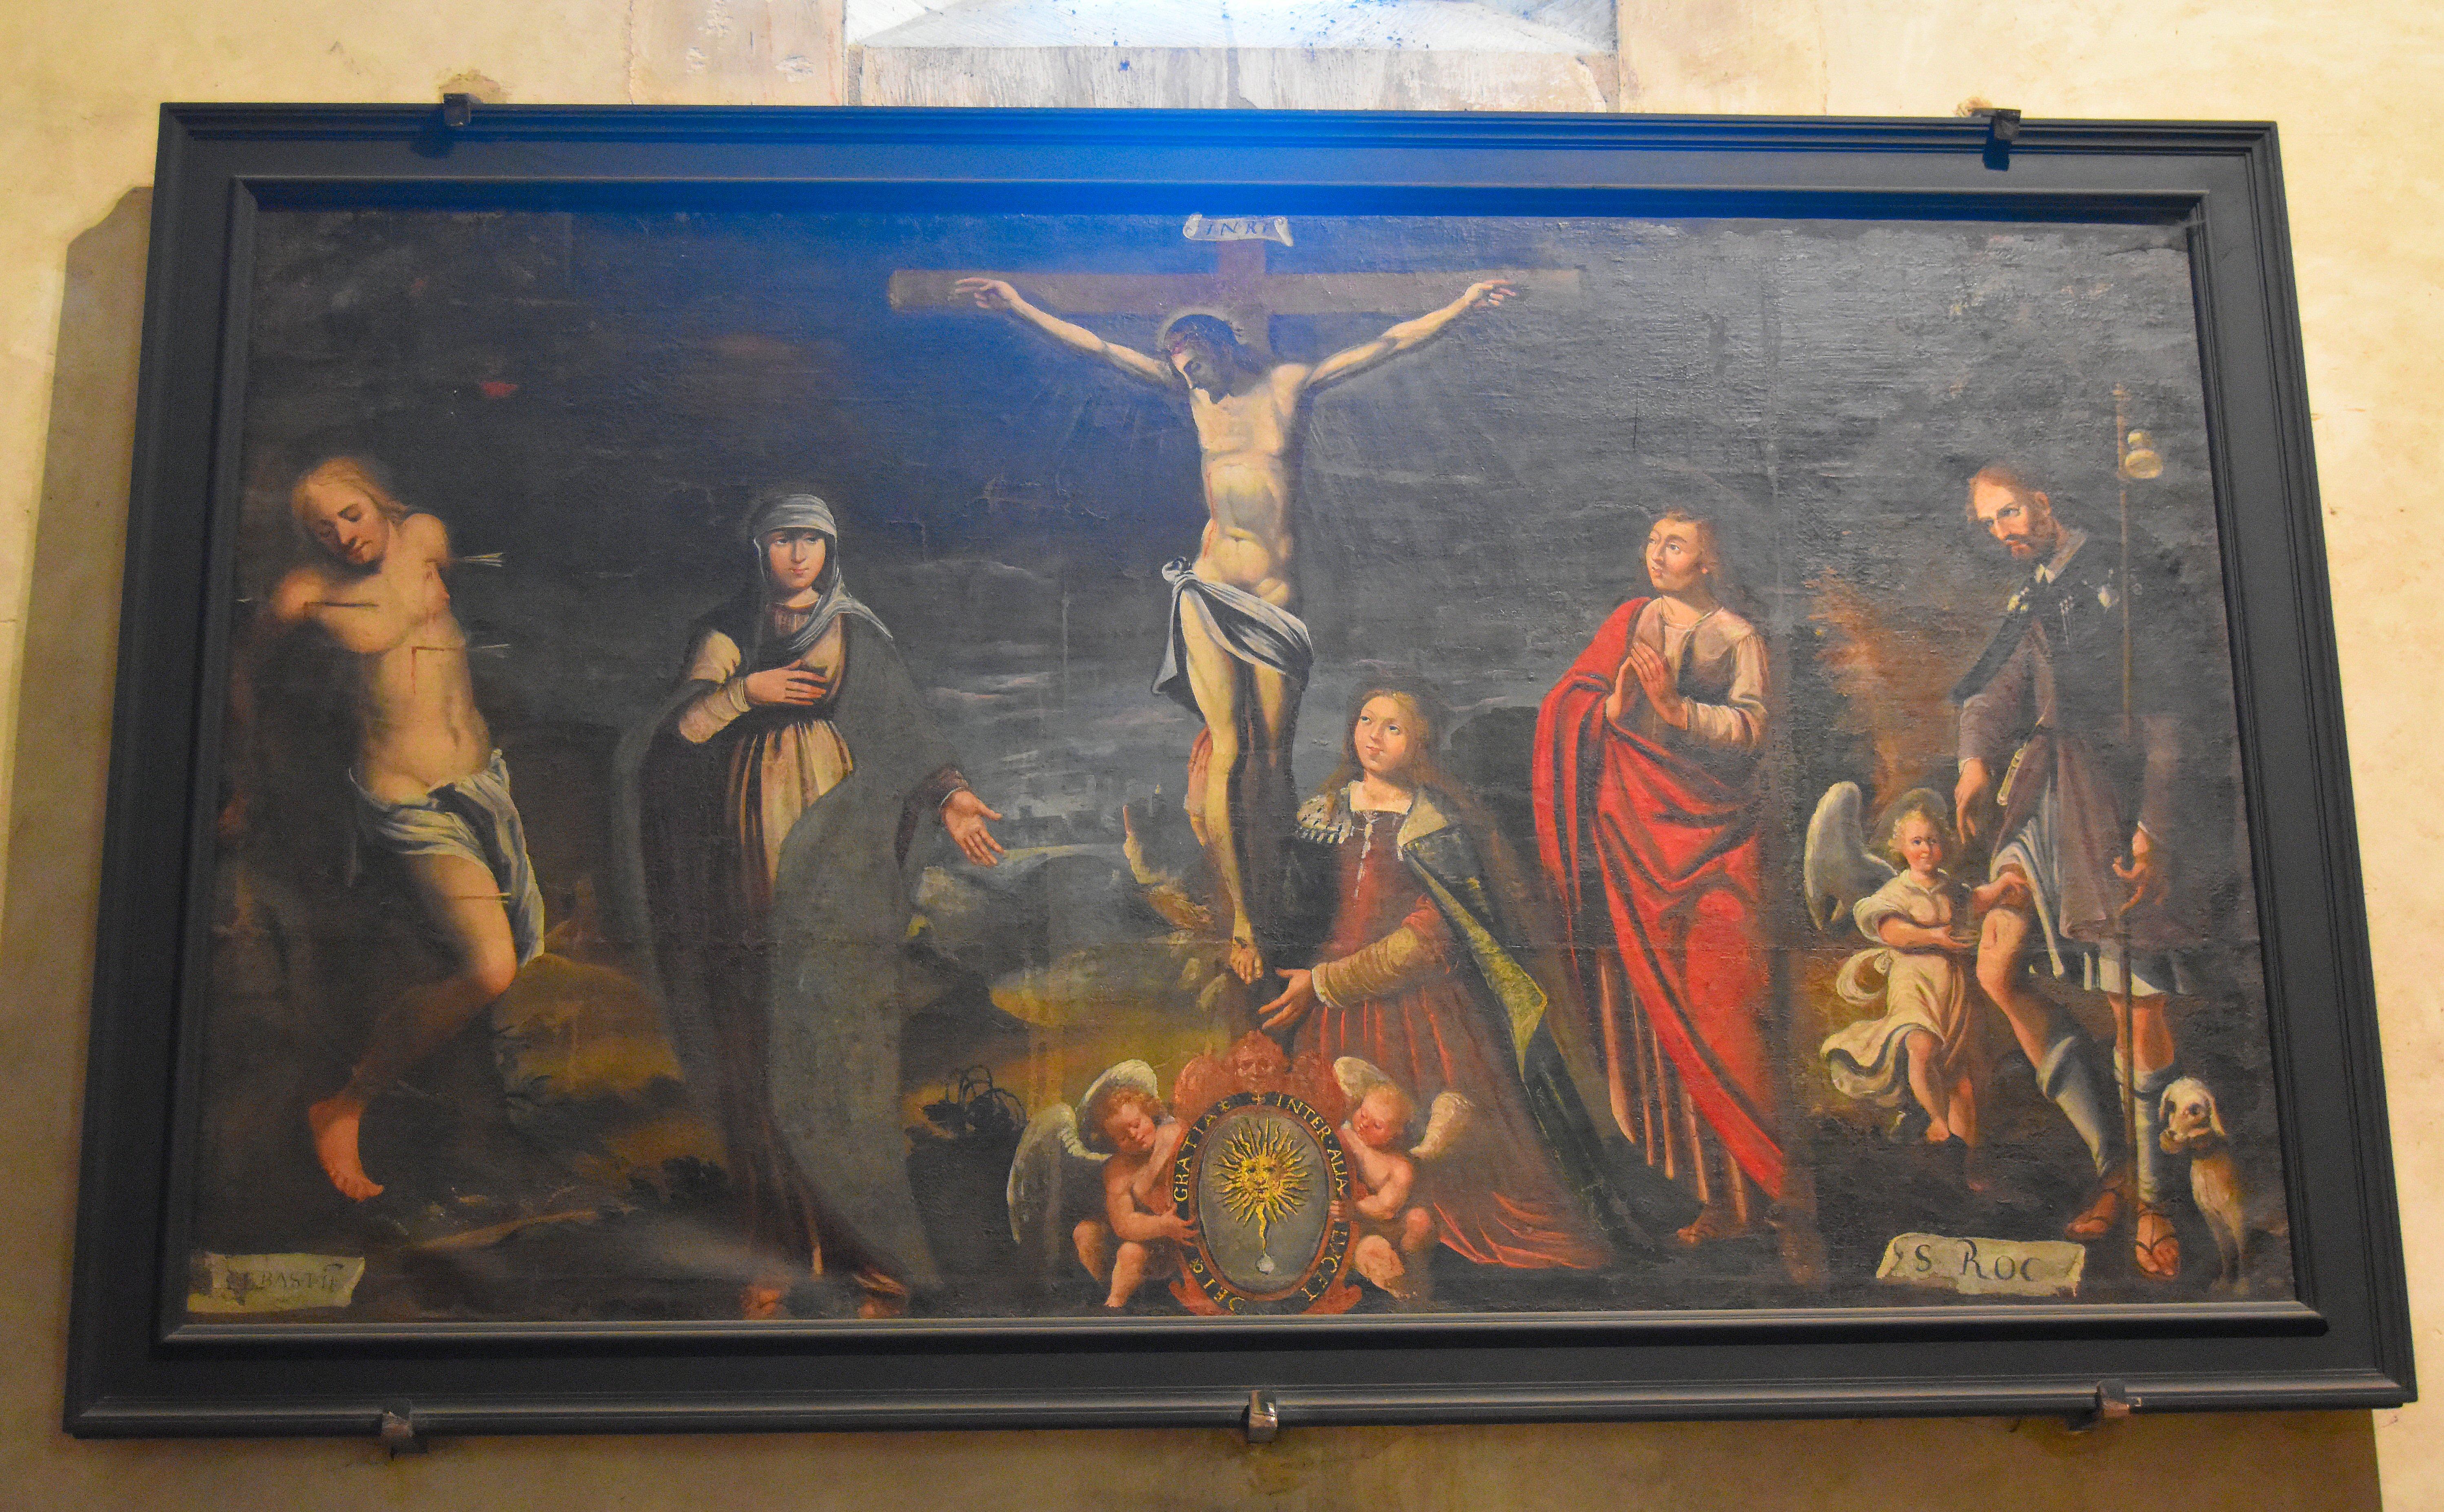 Tableau : Crucifixion du Christ avec la Vierge Marie, saint Jean et sainte Marie Madeleine au pied de la croix, les saints Sébastien et Roch de part et d'autre